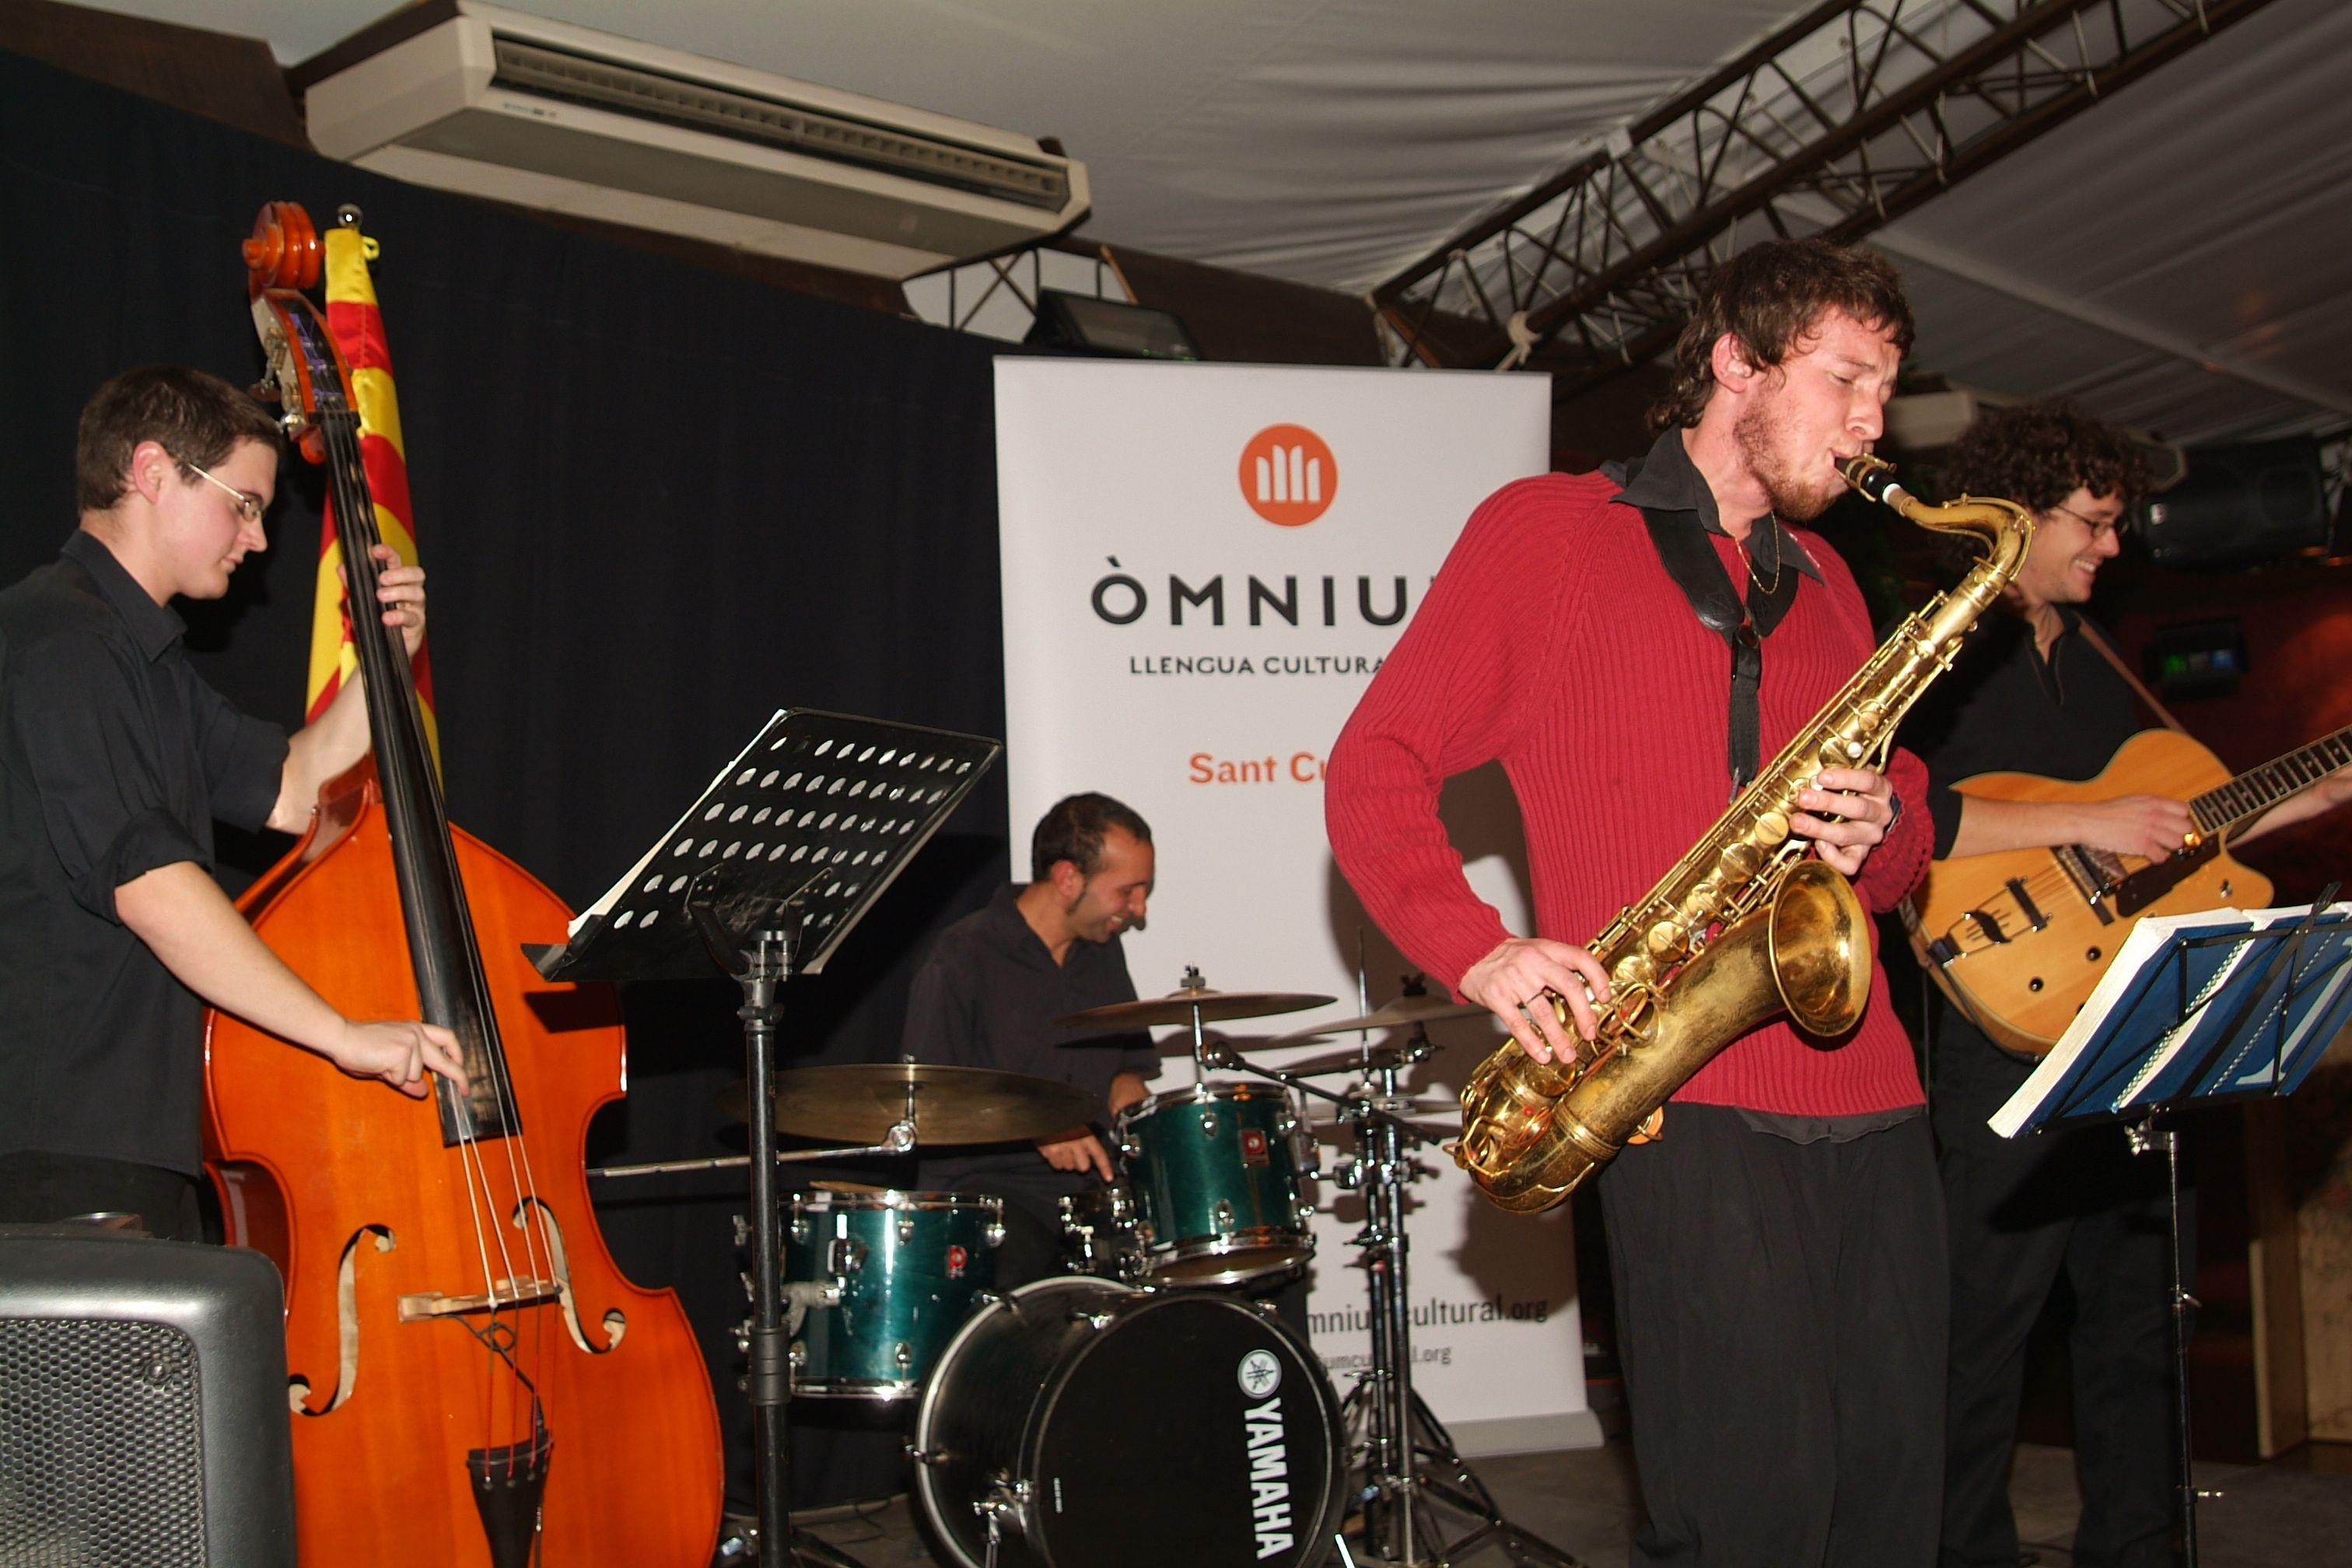 Òmnium Cultural Sant Cugat. FOTO: Cedida